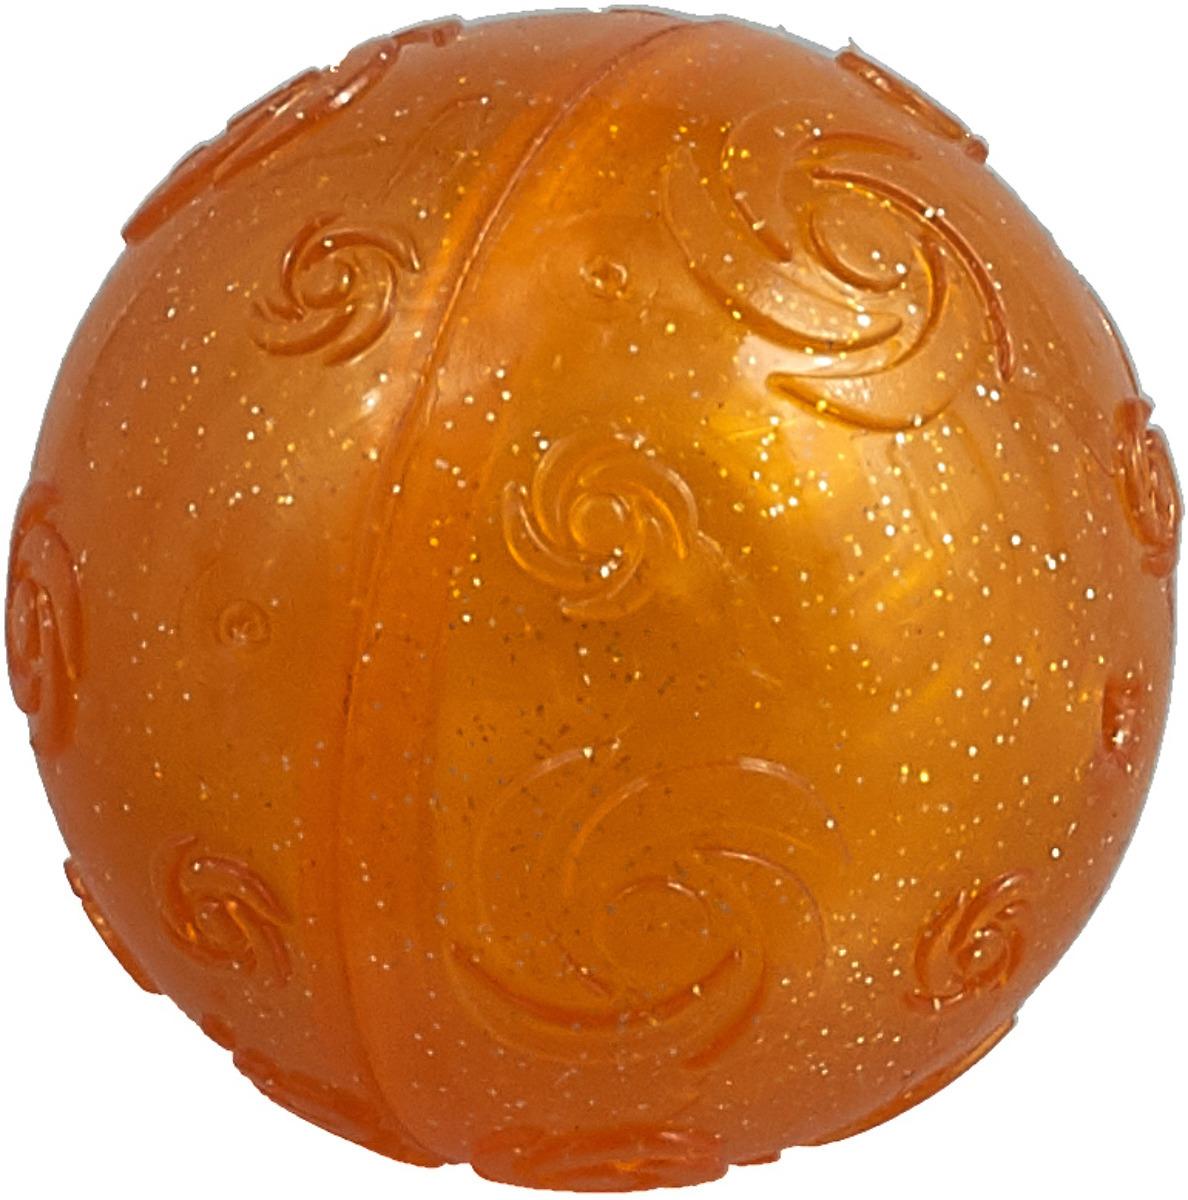 Игрушка для собак Kong Squezz Crackle, хрустящий мячик, в ассортименте, диаметр 7 см игрушка для собак kong squezz crackle хрустящий мячик цвет зеленый диаметр 7 см